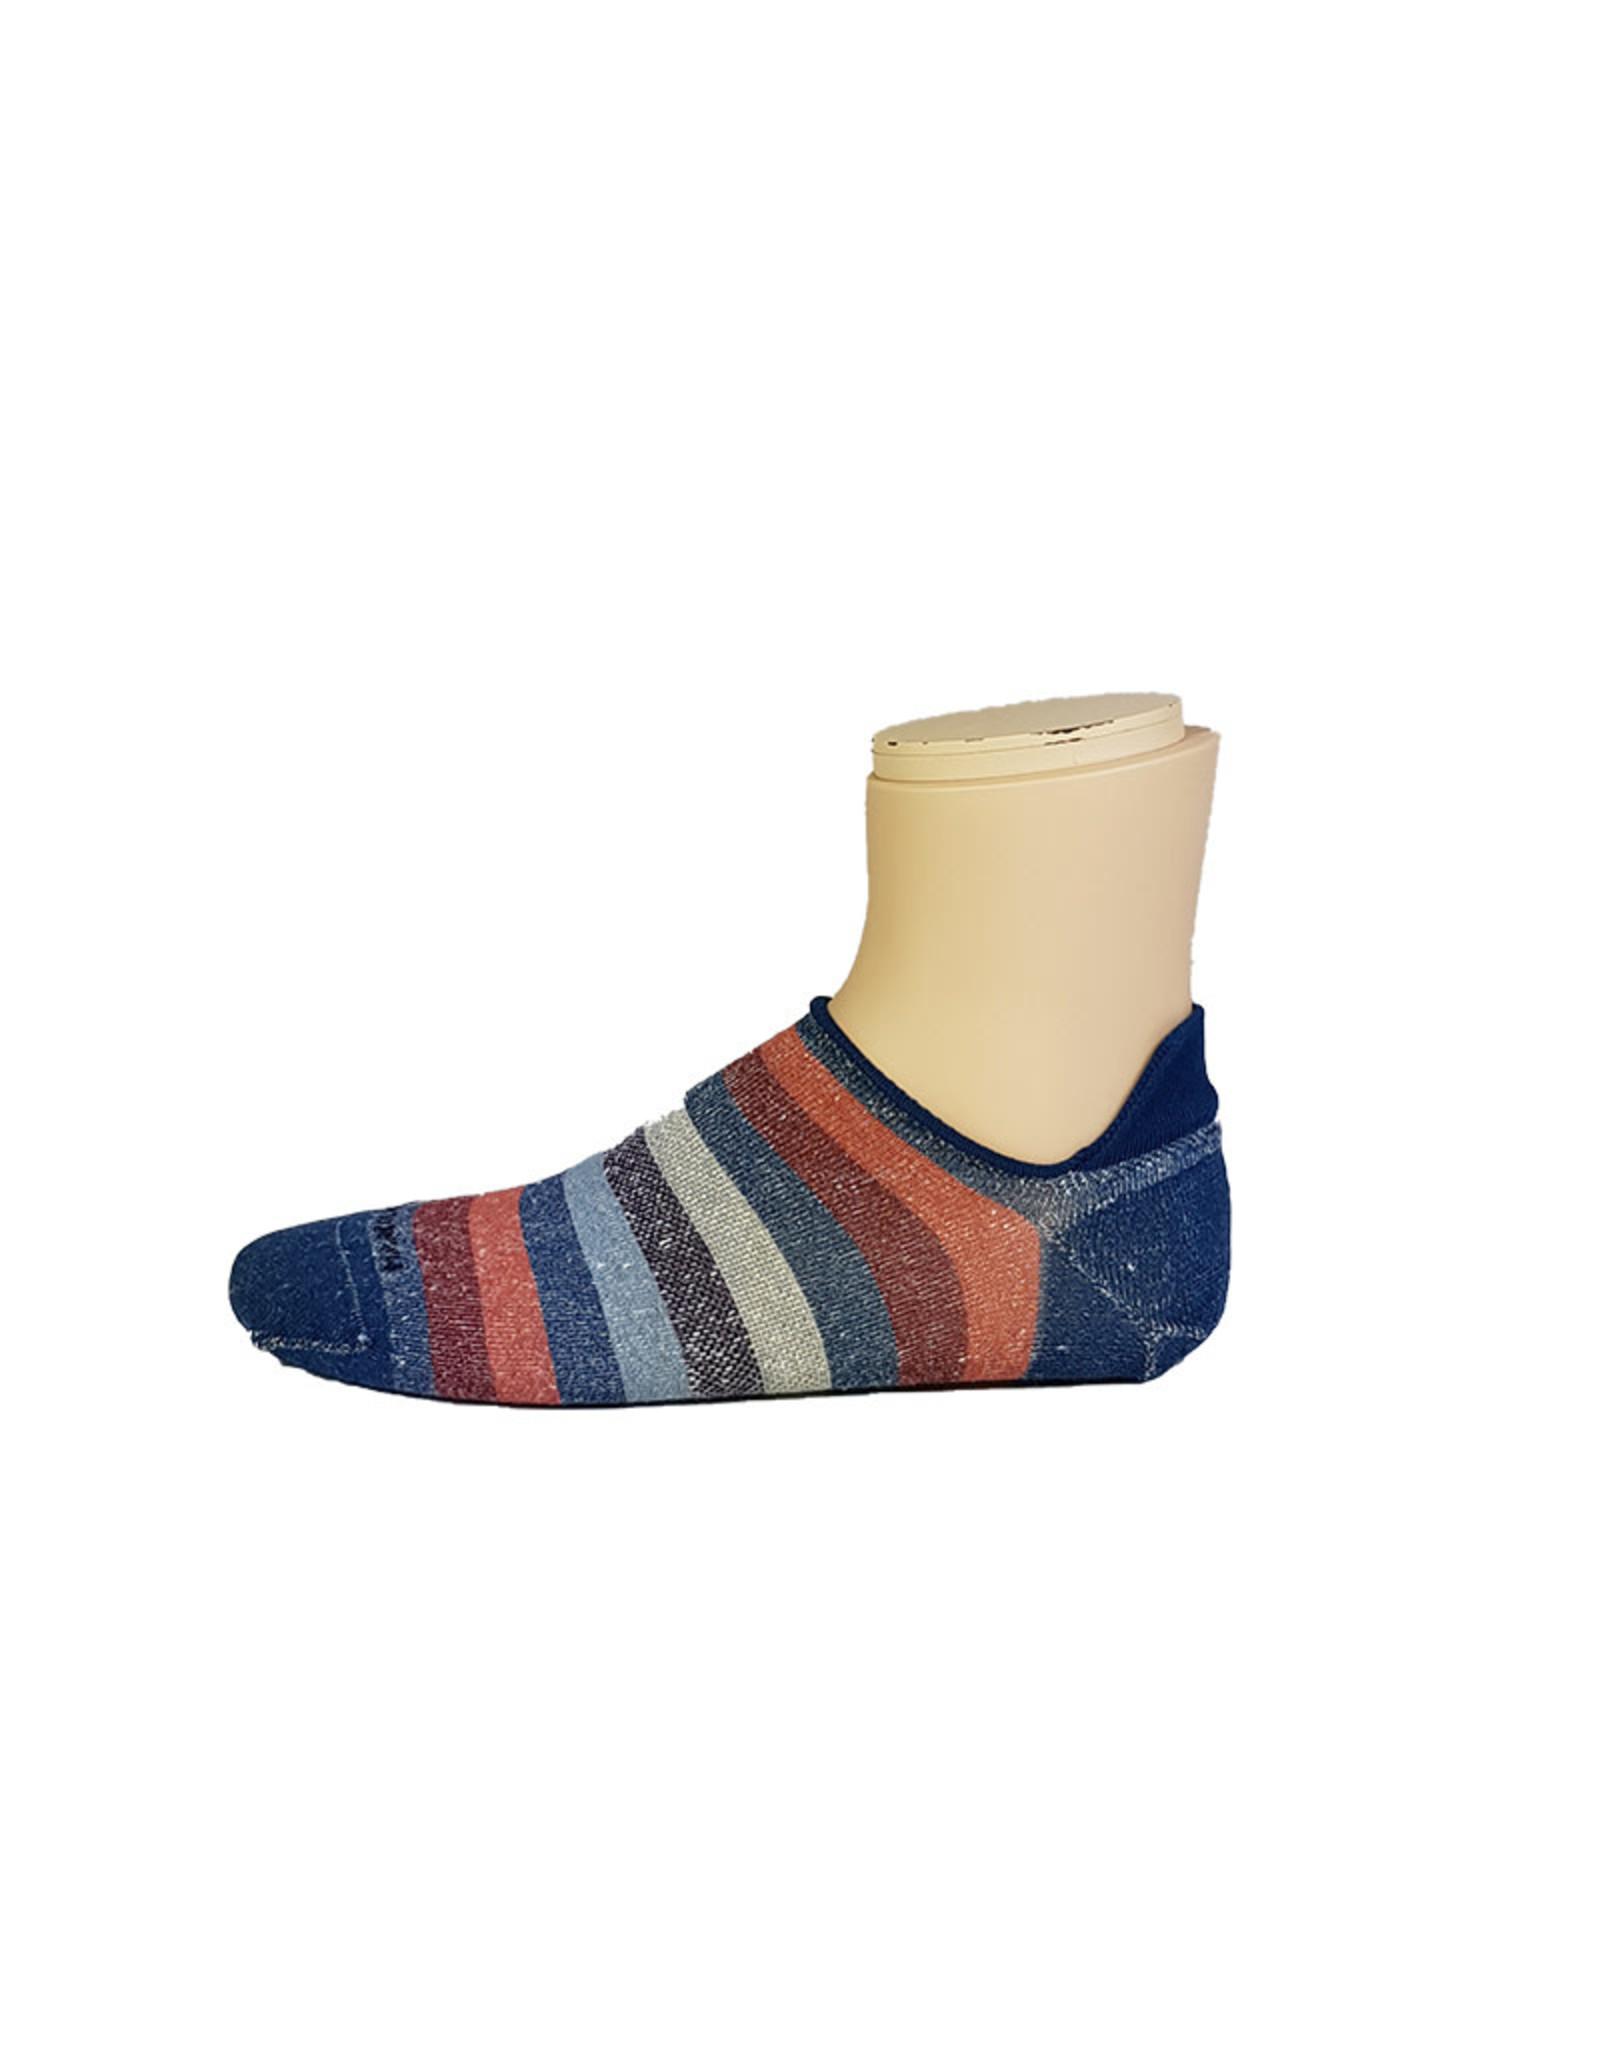 Marcoliani Marcoliani sokken blauw-rood gestreept sneaker 4266K